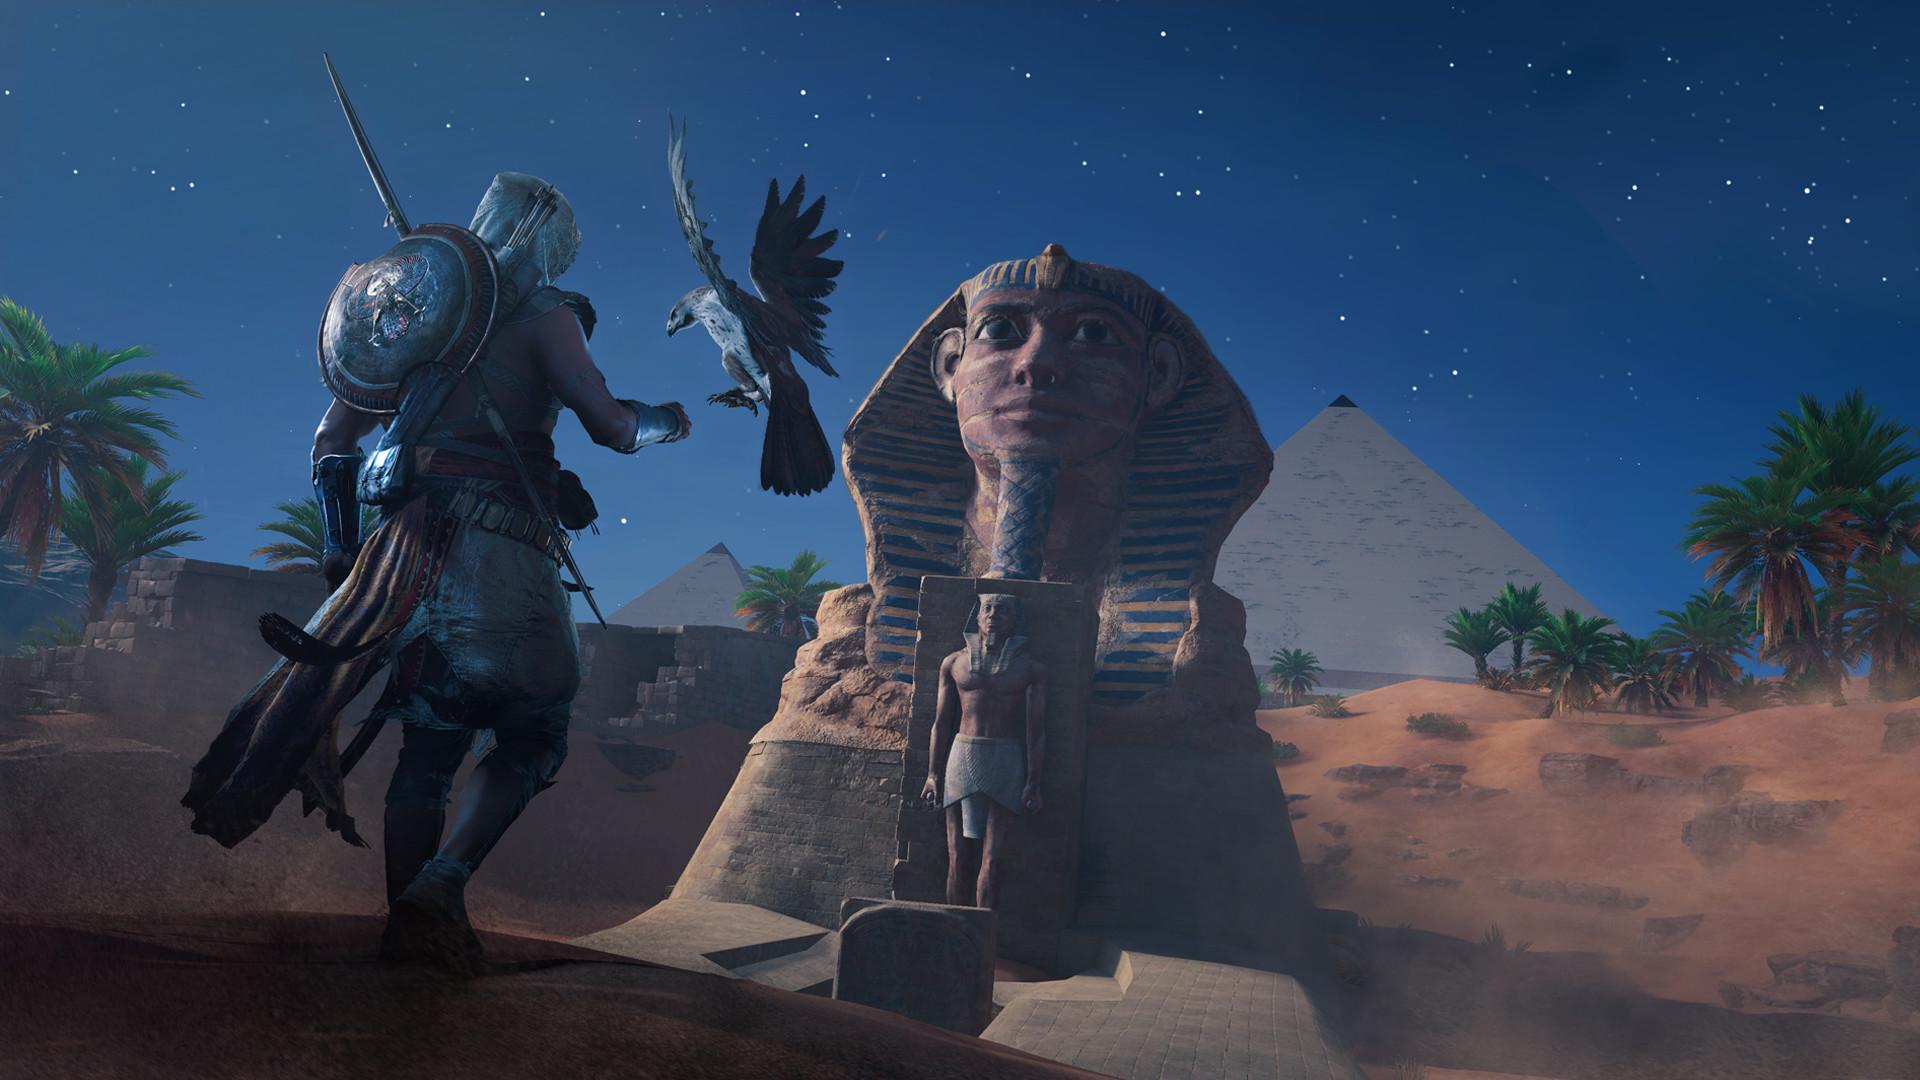 Скачать Assassins Creed Origins торрент со всеми дополнениями от xatab вы можете здесь И погрузиться в